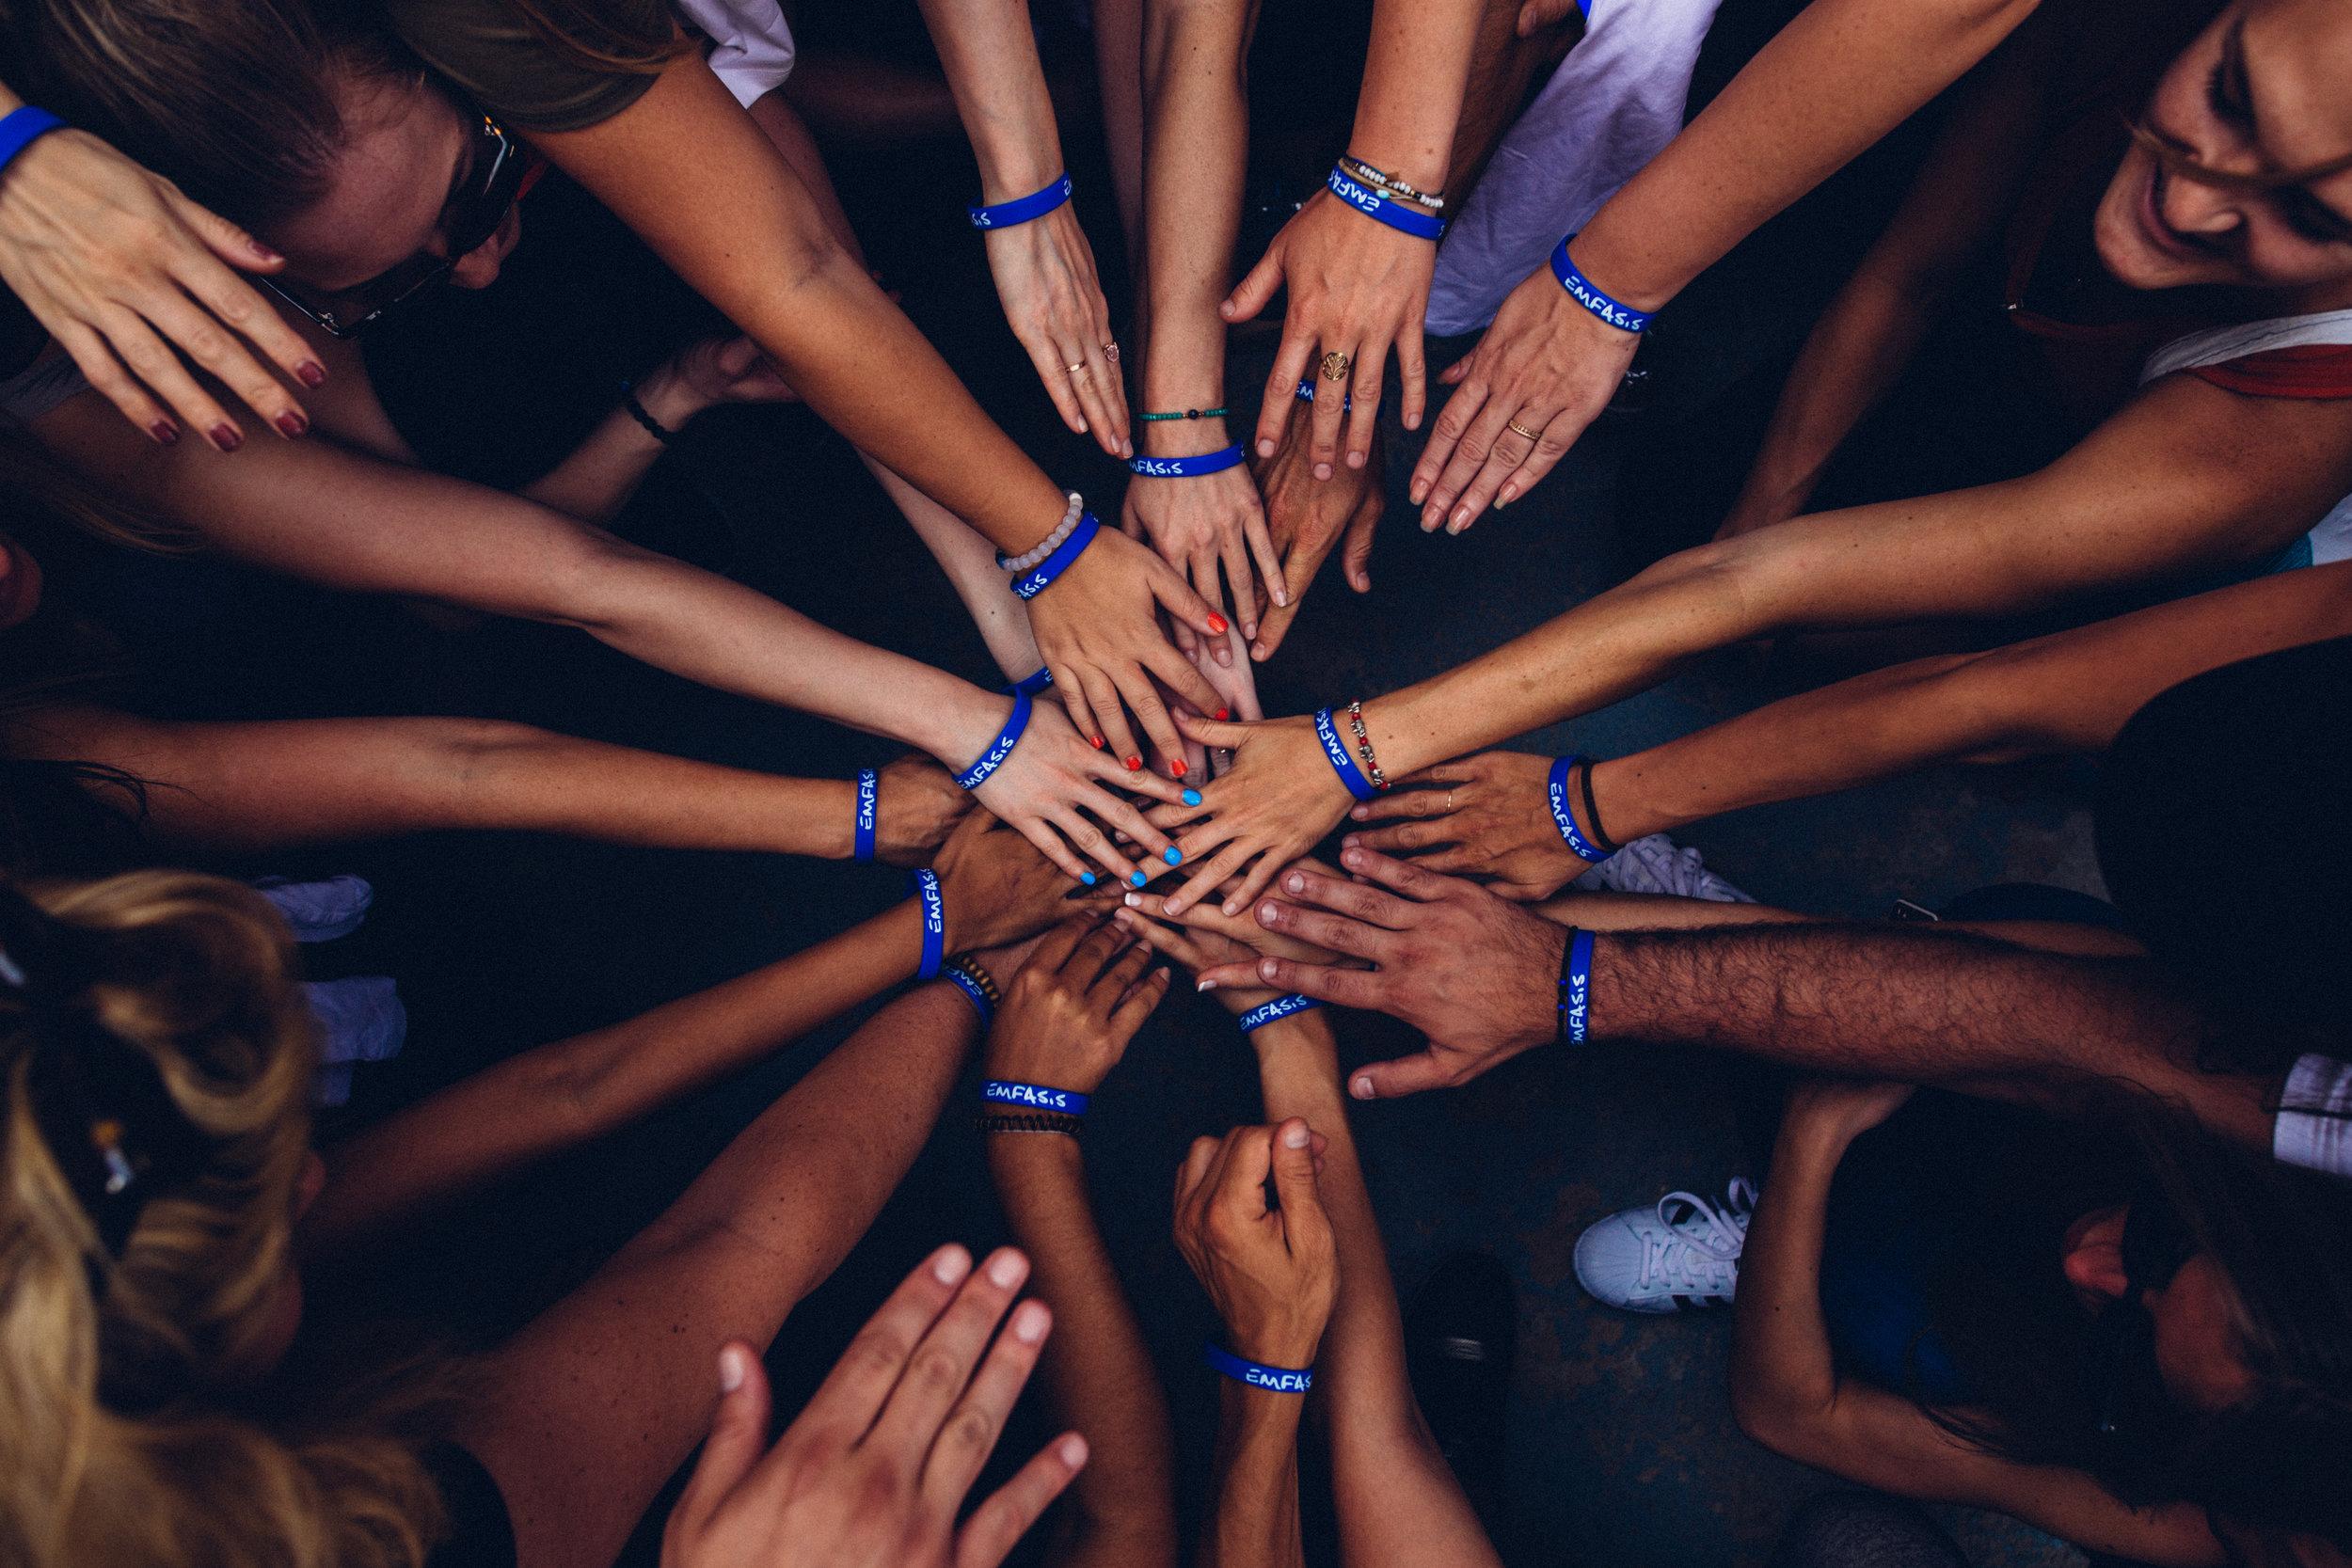 All hands put together for teamwork